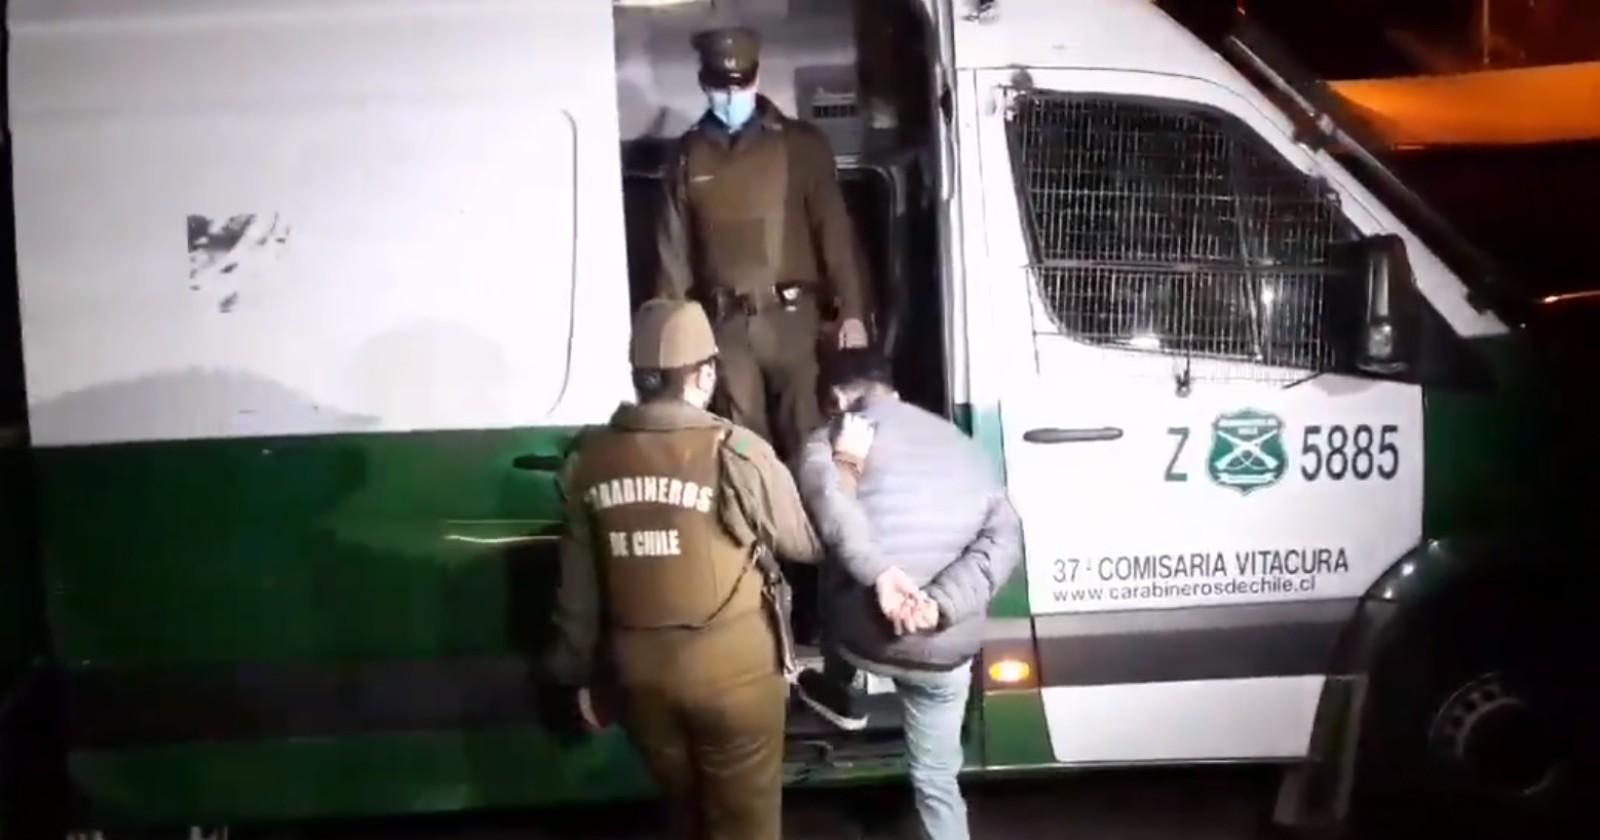 Vitacura: violento robo de vehículo de alta gama terminó con cuatro detenidos